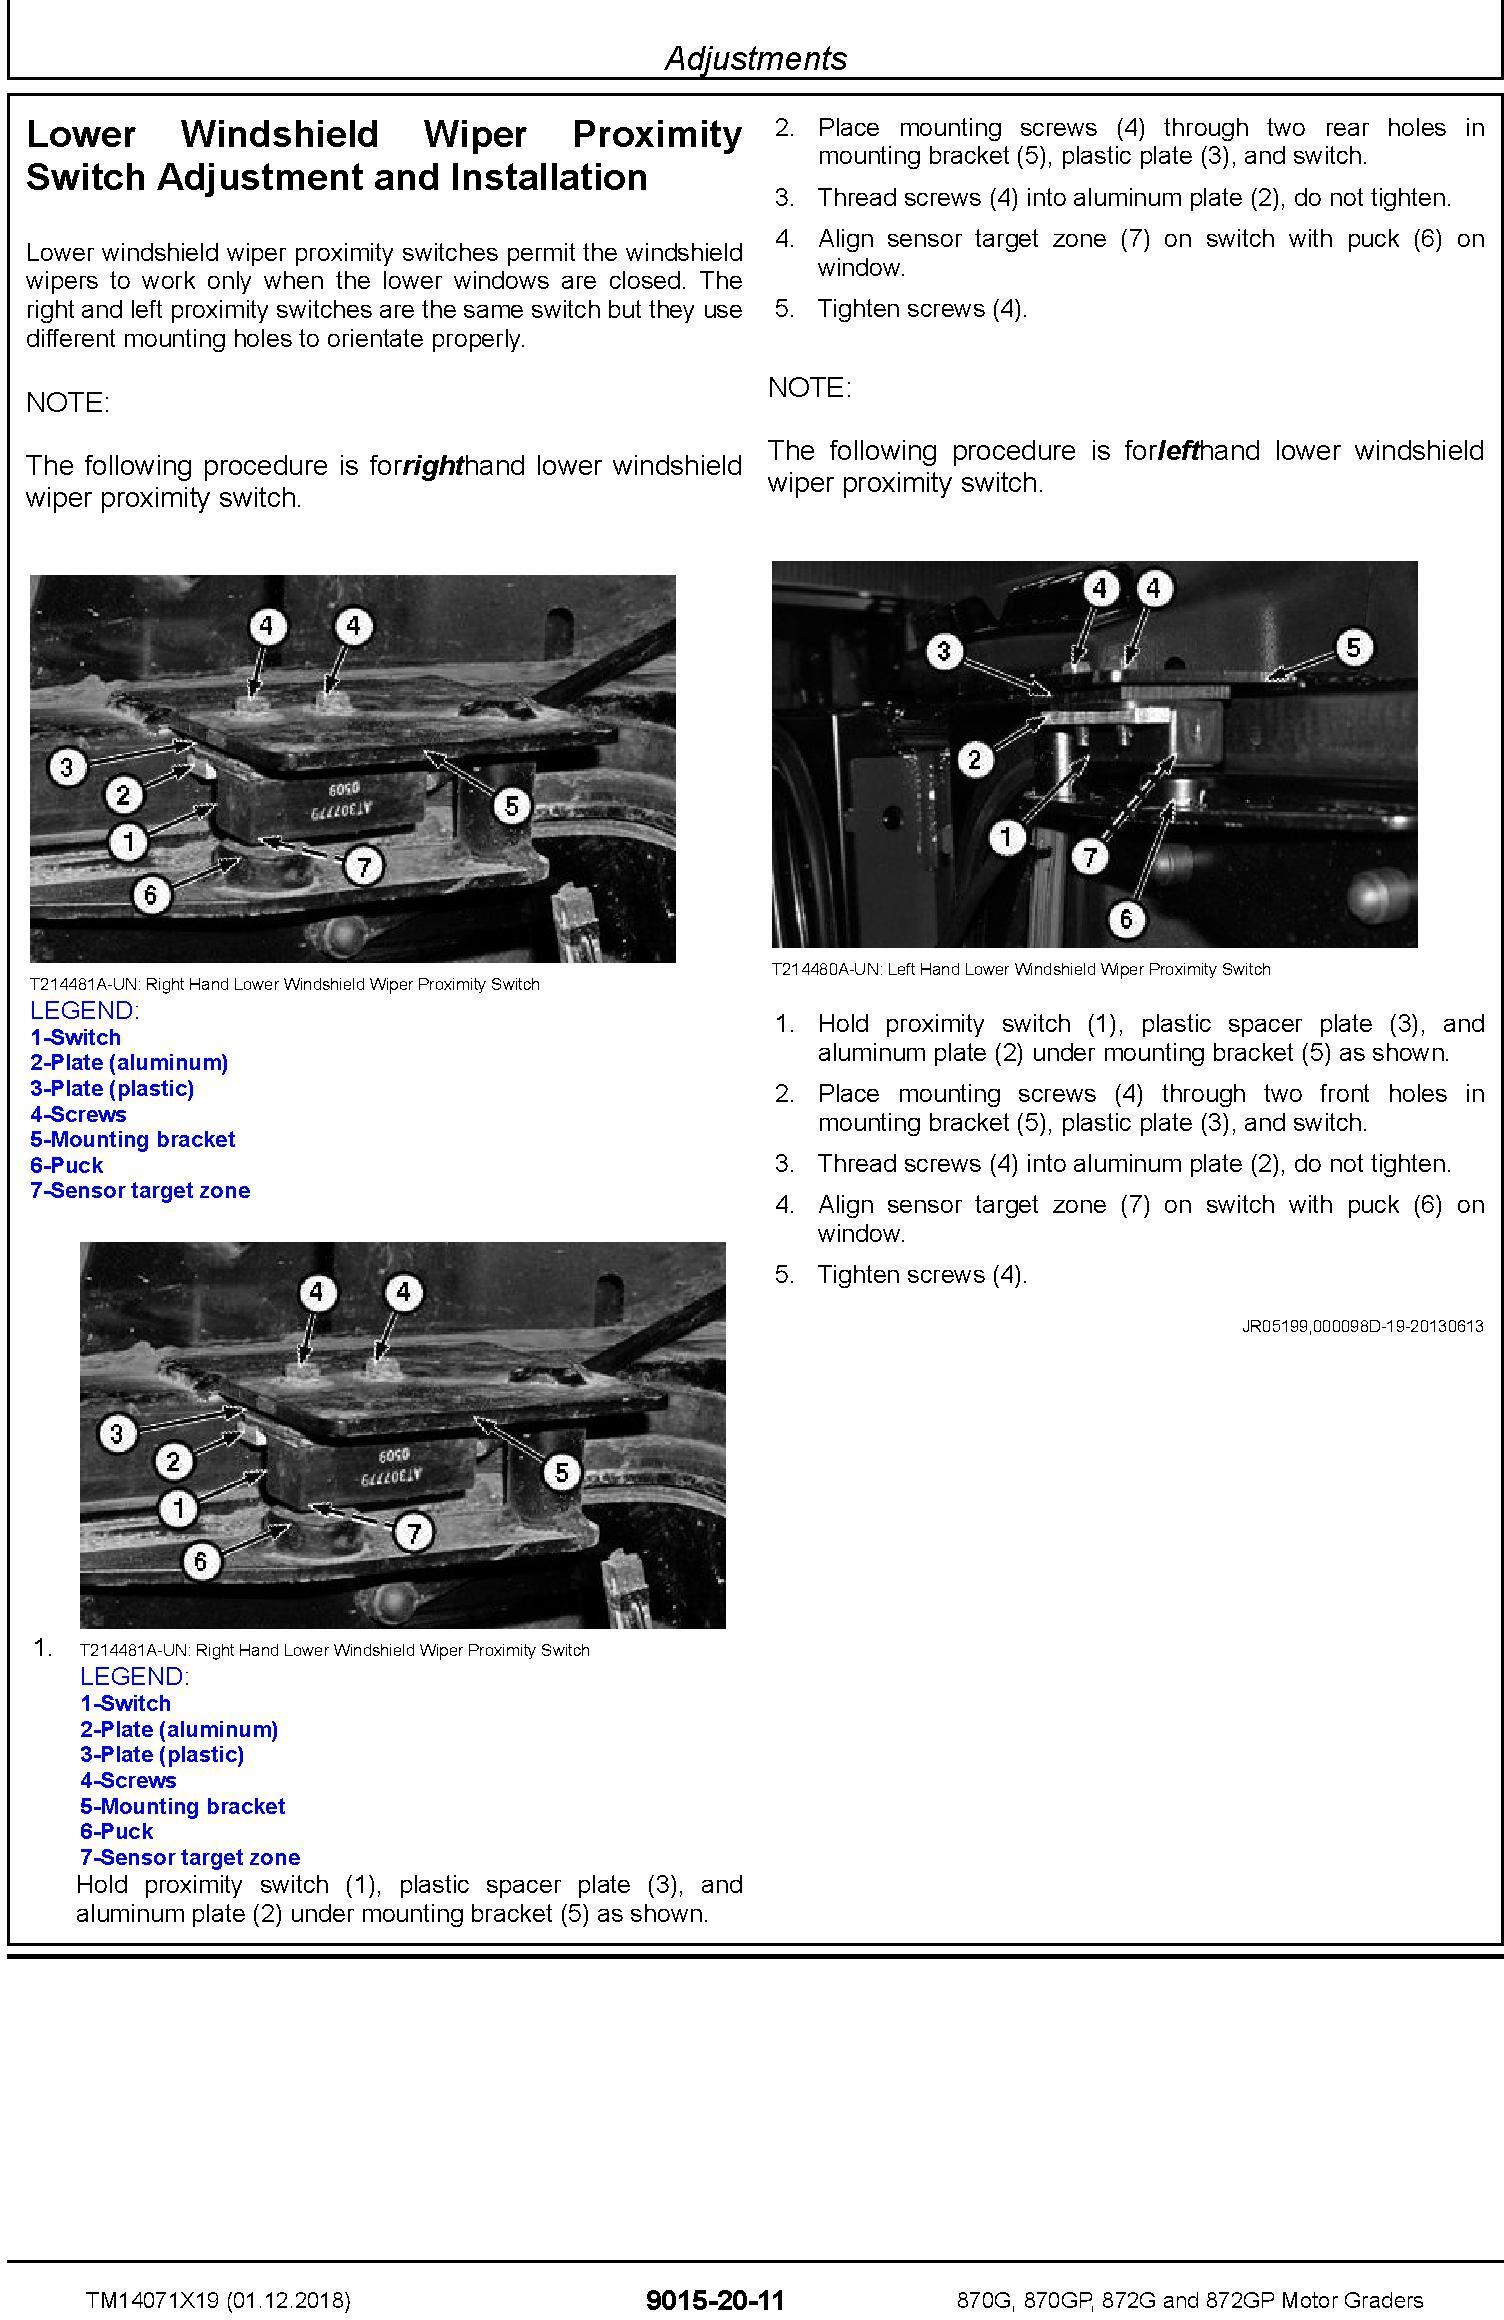 John Deere 870G, 870GP, 872G, 872GP (SN.F678818-680877) Motor Graders Diagnostic Manual (TM14071X19) - 3